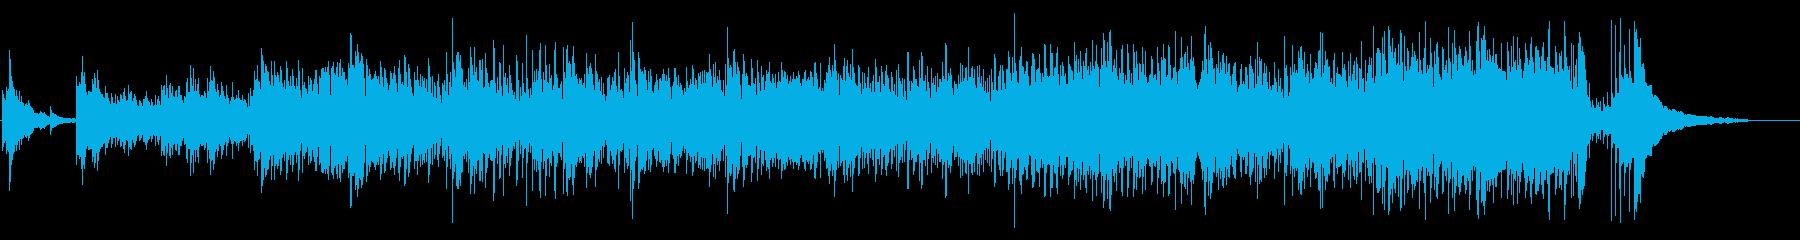 生意気なアイリッシュドラムを演奏し...の再生済みの波形